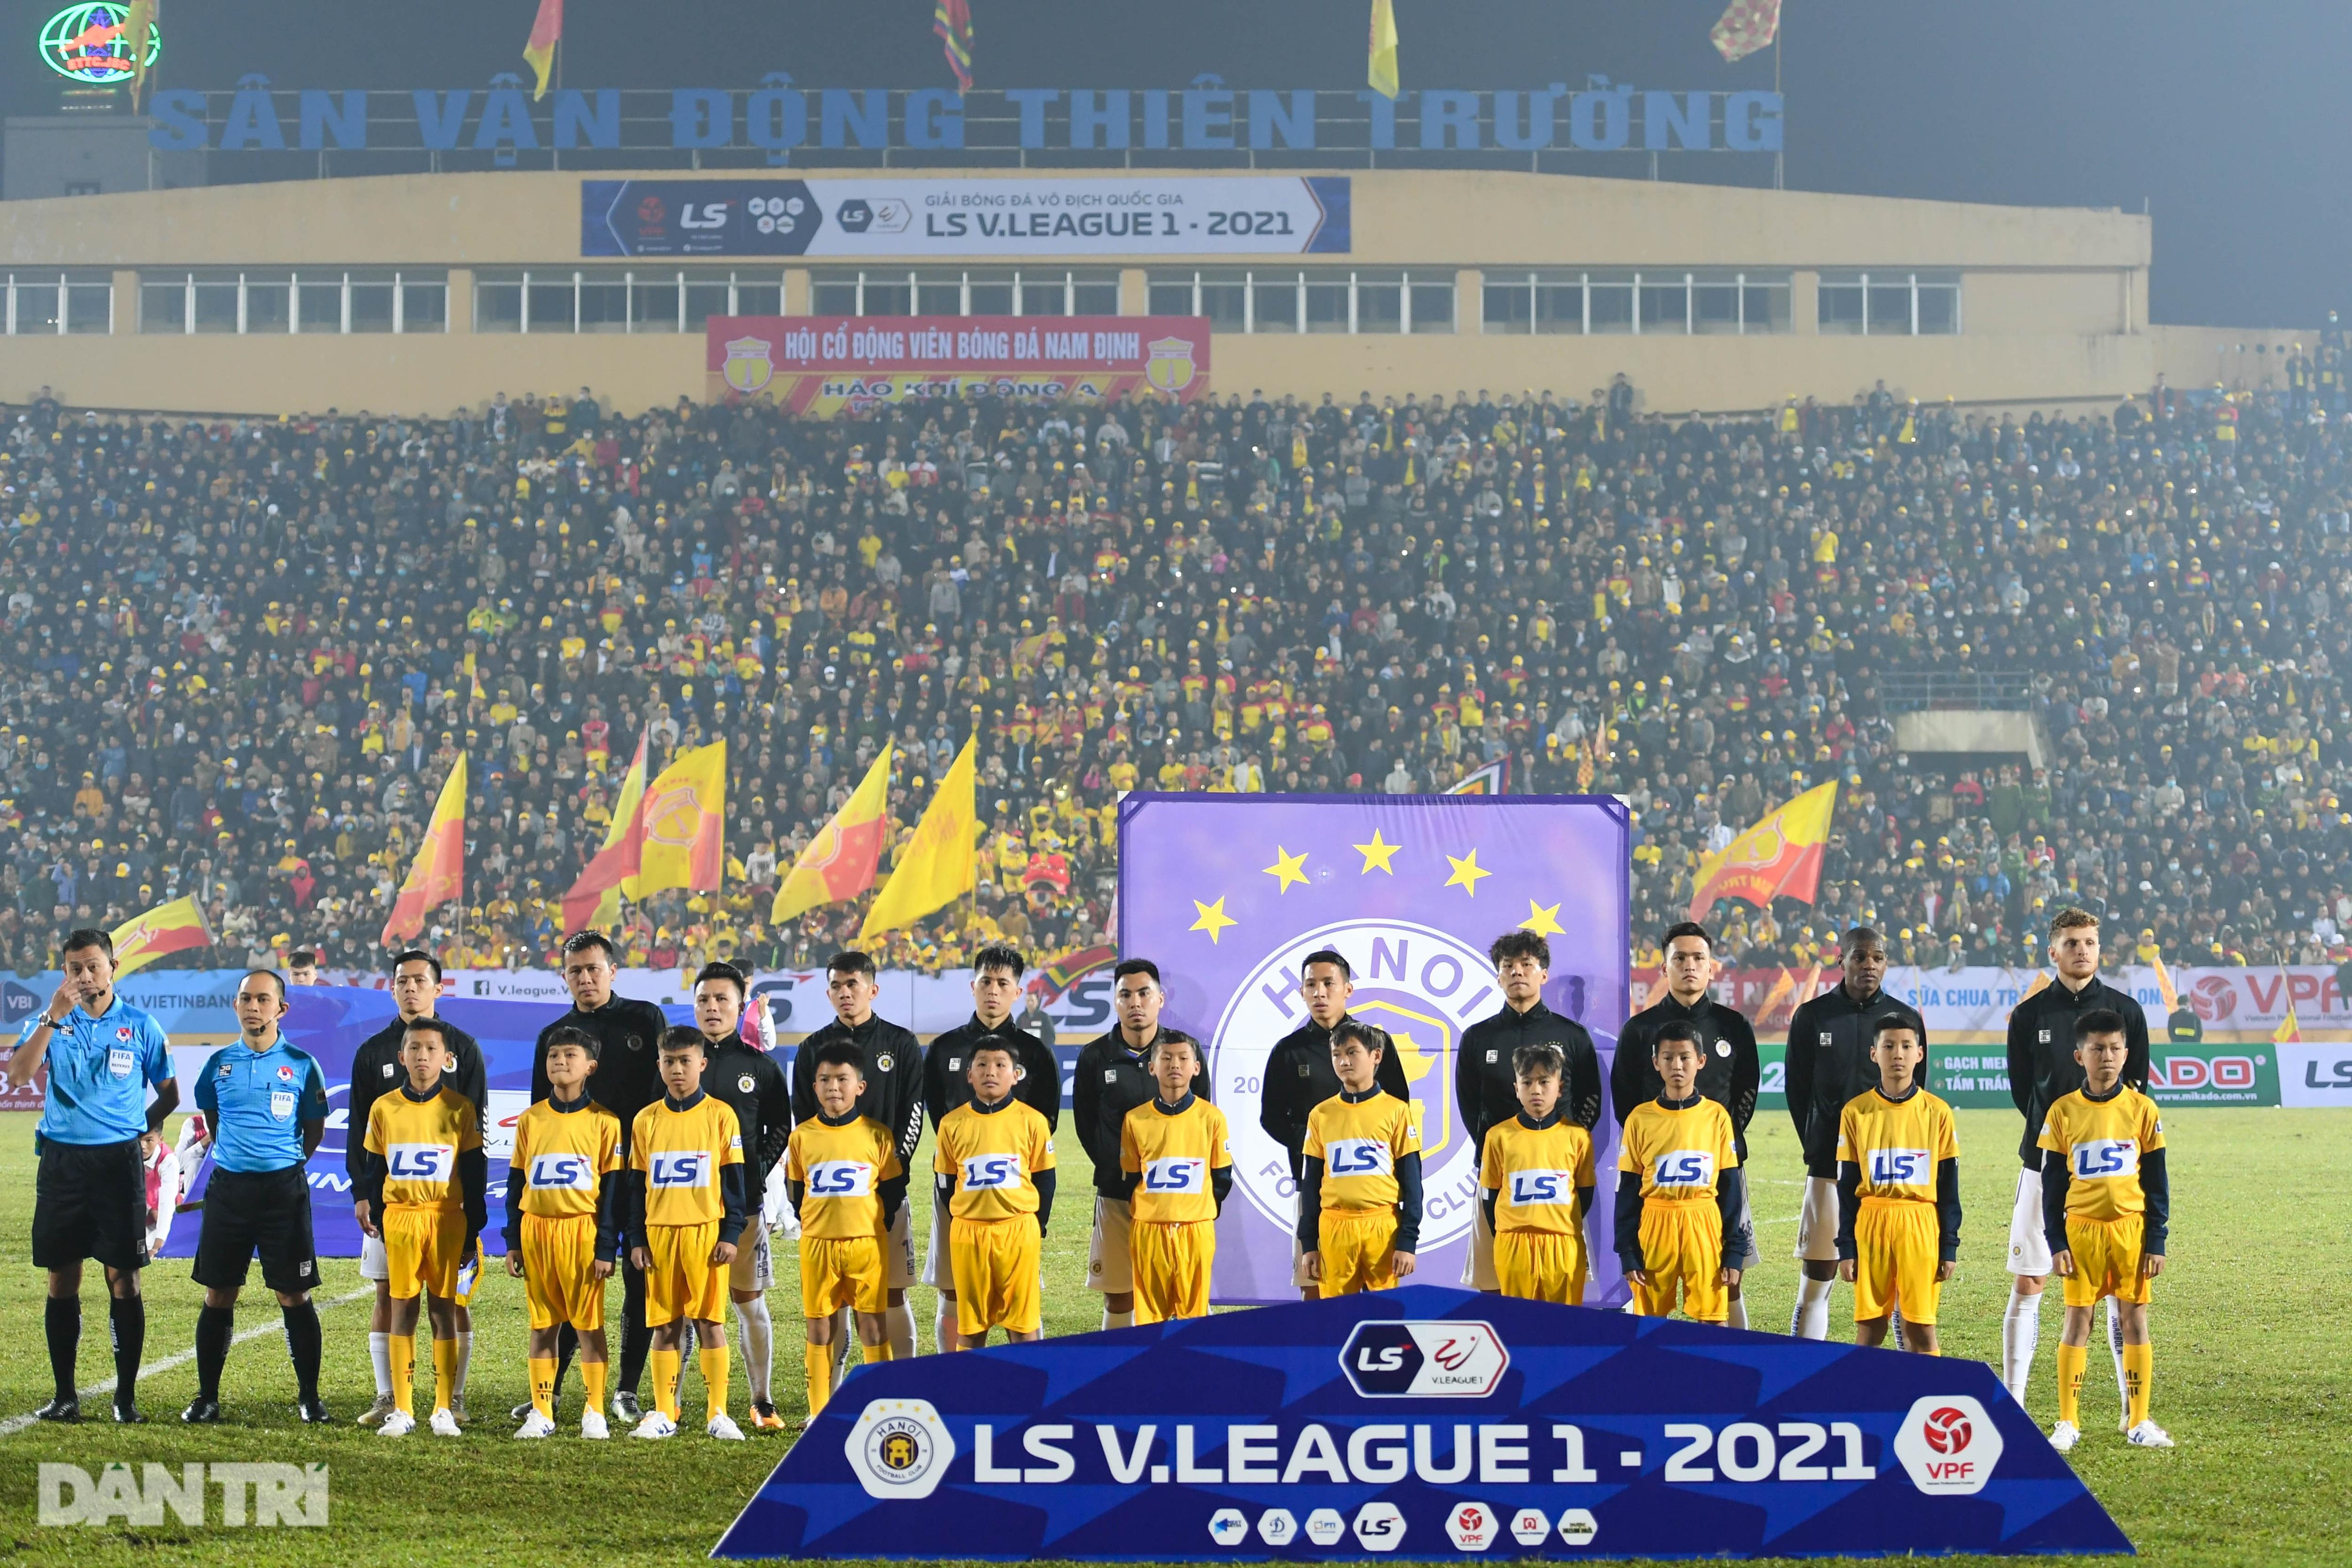 CLB Hà Nội thua đậm Nam Định: Thiên Trường mở hội, ngân vang khúc khải hoàn - 1